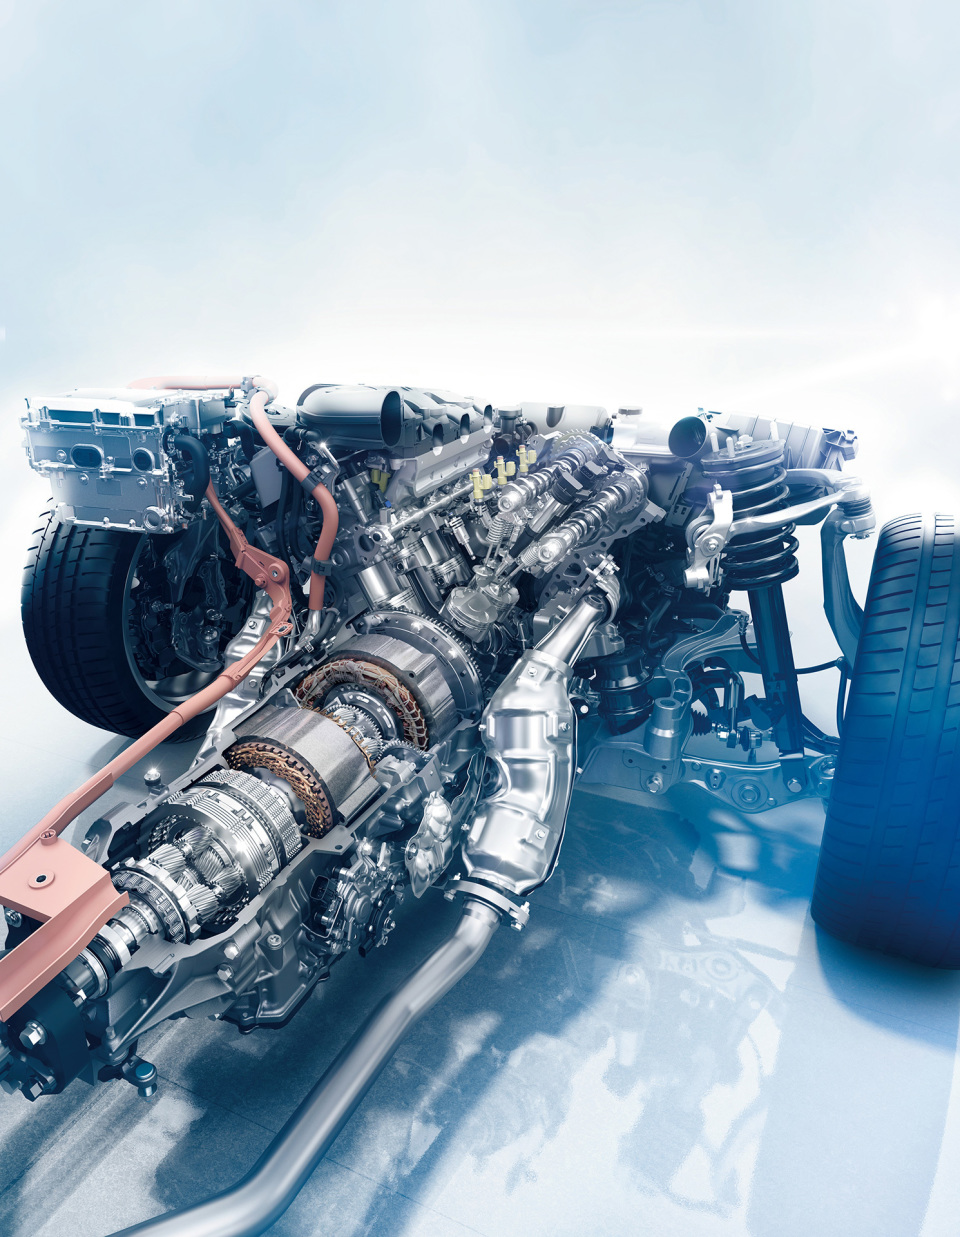 レクサスのフラッグシップ「LC500h」に搭載された「マルチステージハイブリッドシステム」の実力 3番目の画像